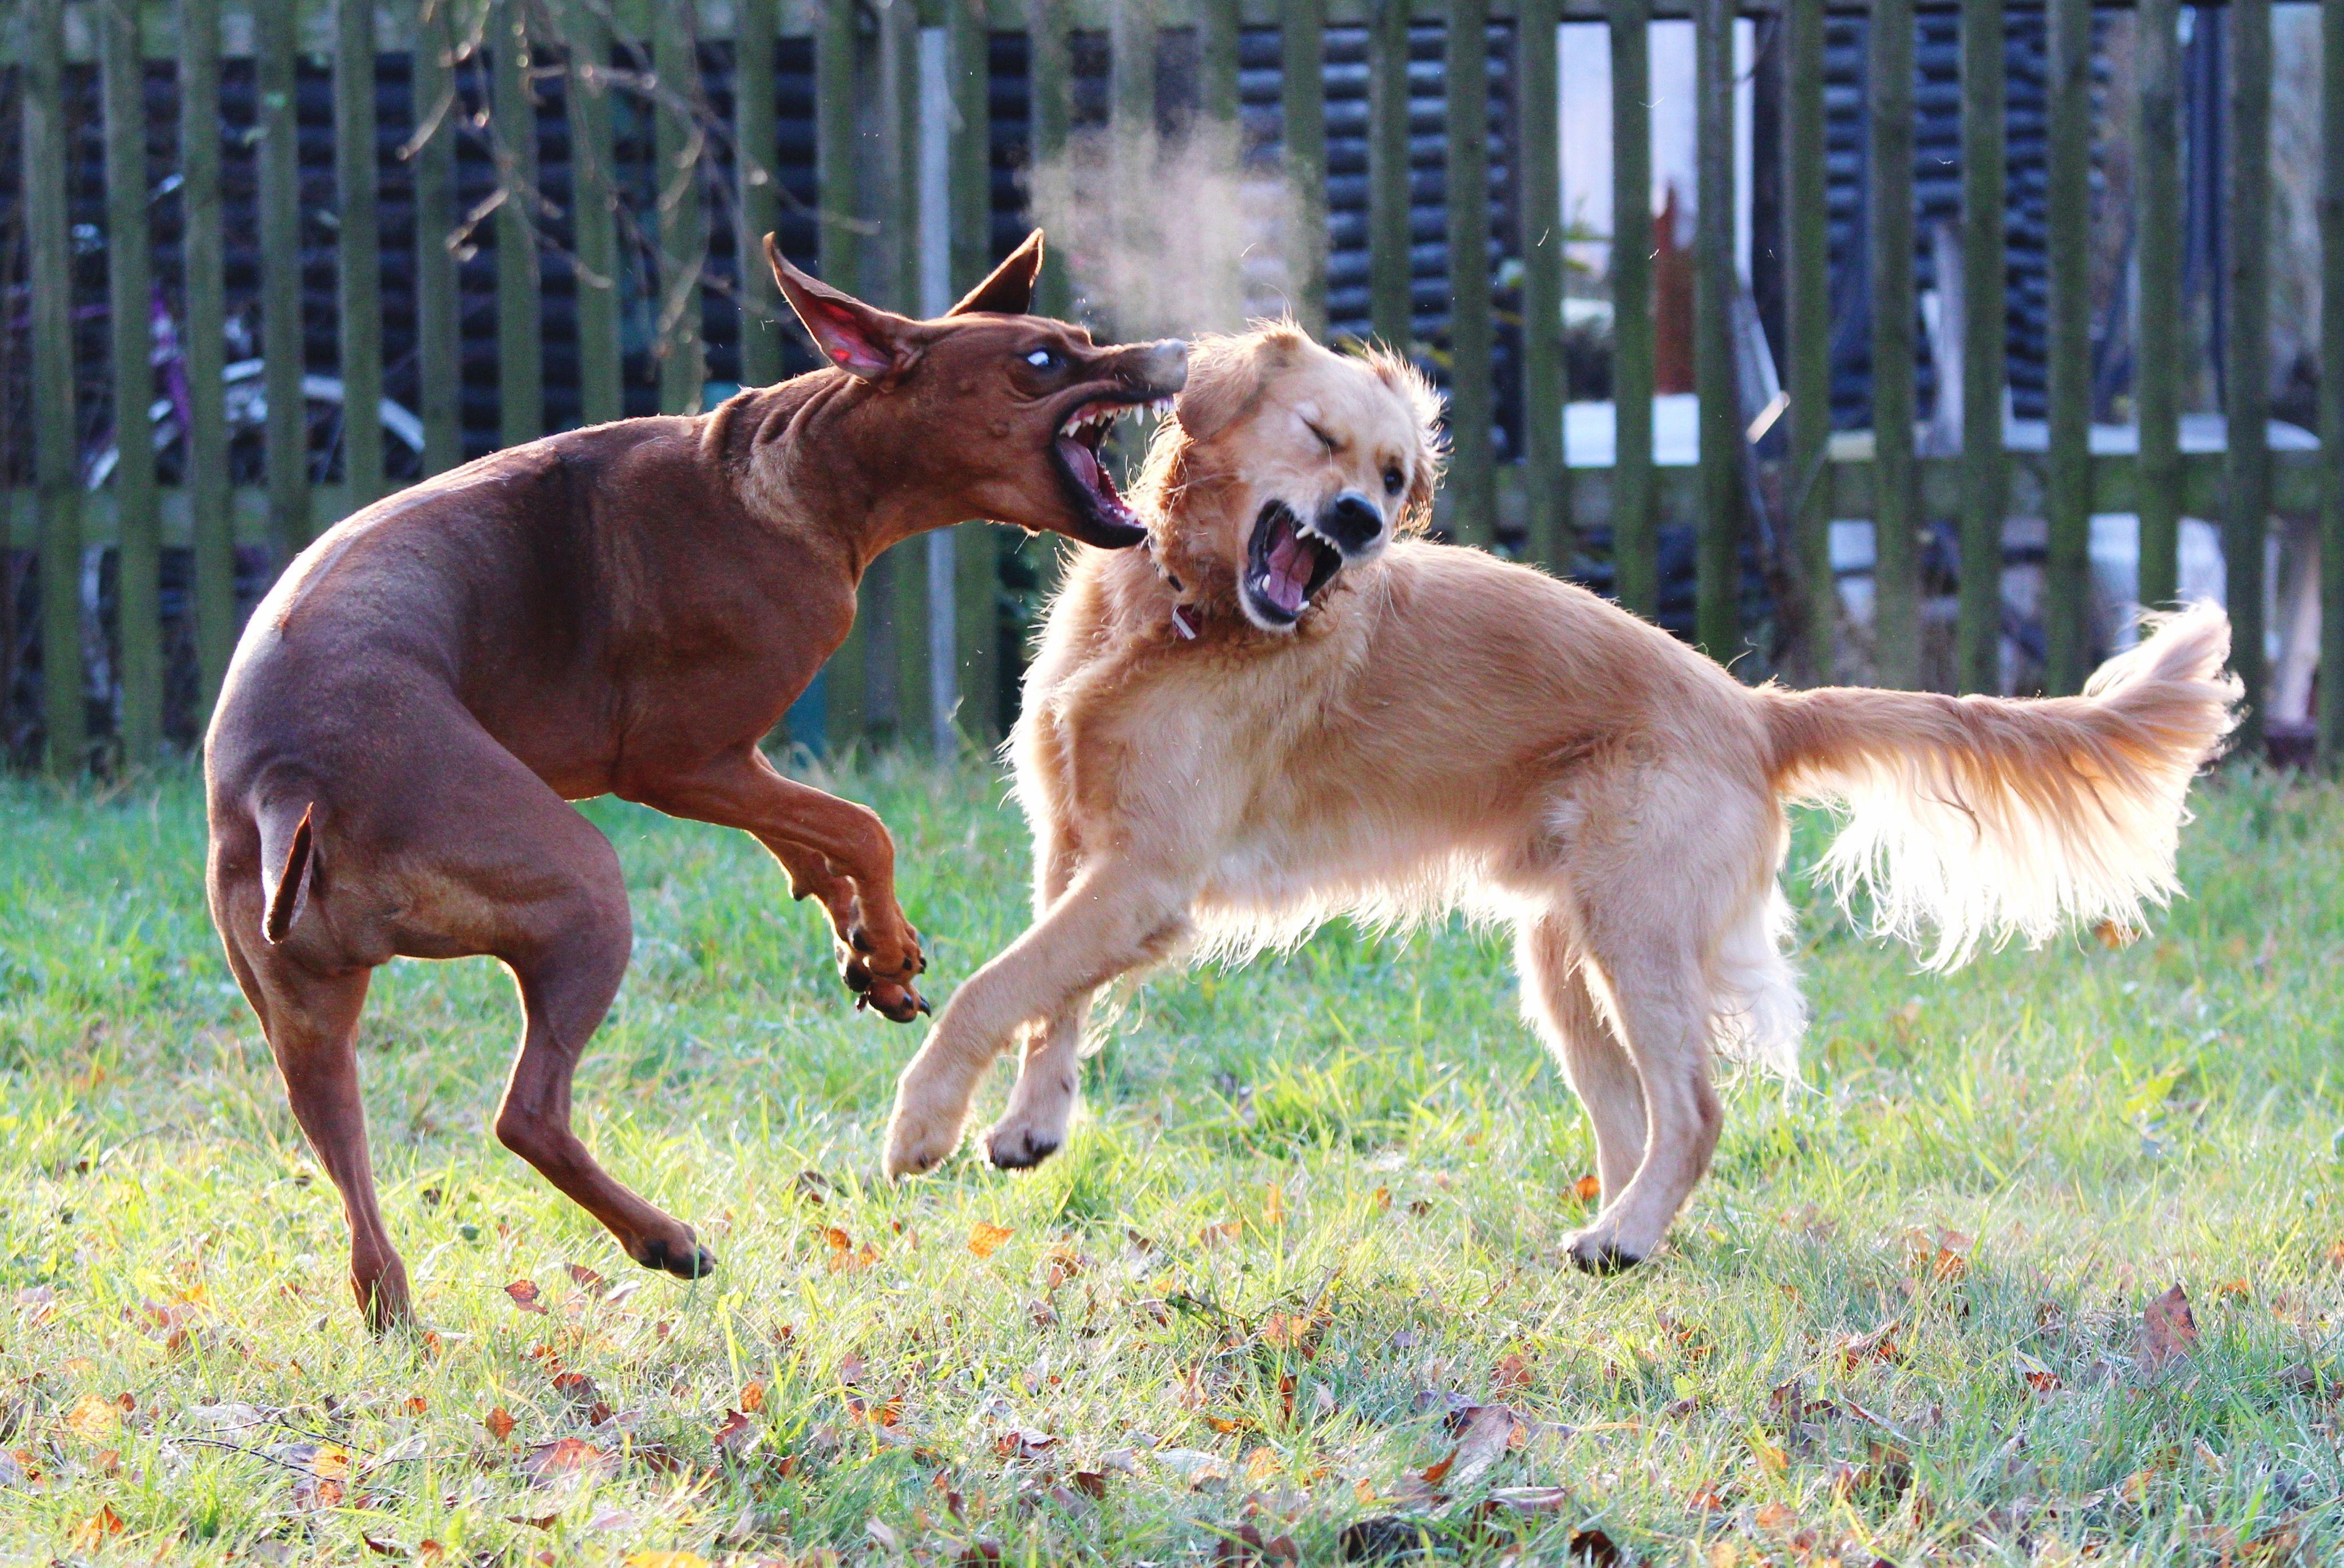 Dos perros peleando